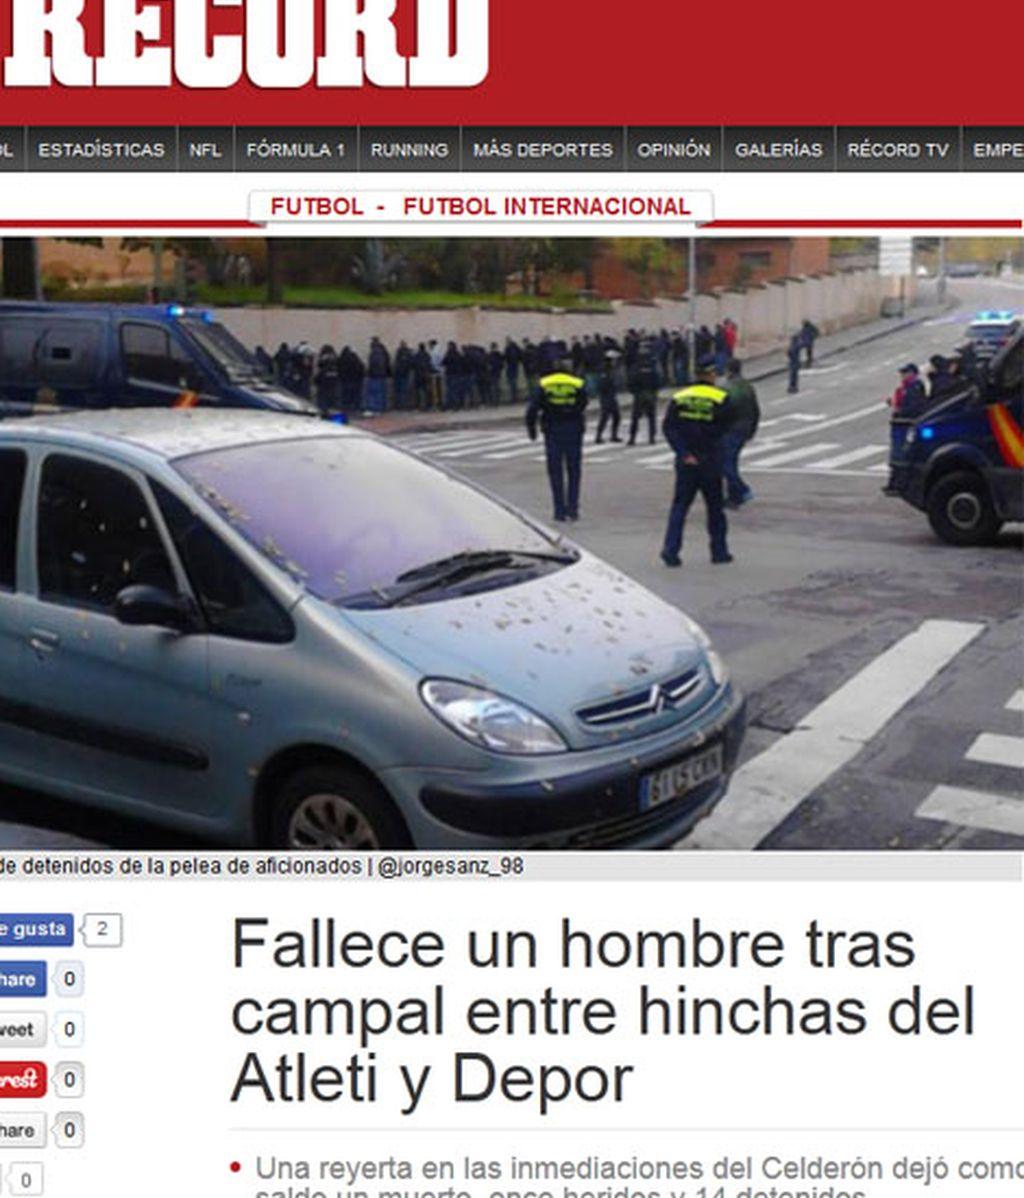 Los medios recogen lo sucedido en las inmendiaciones del Calderón